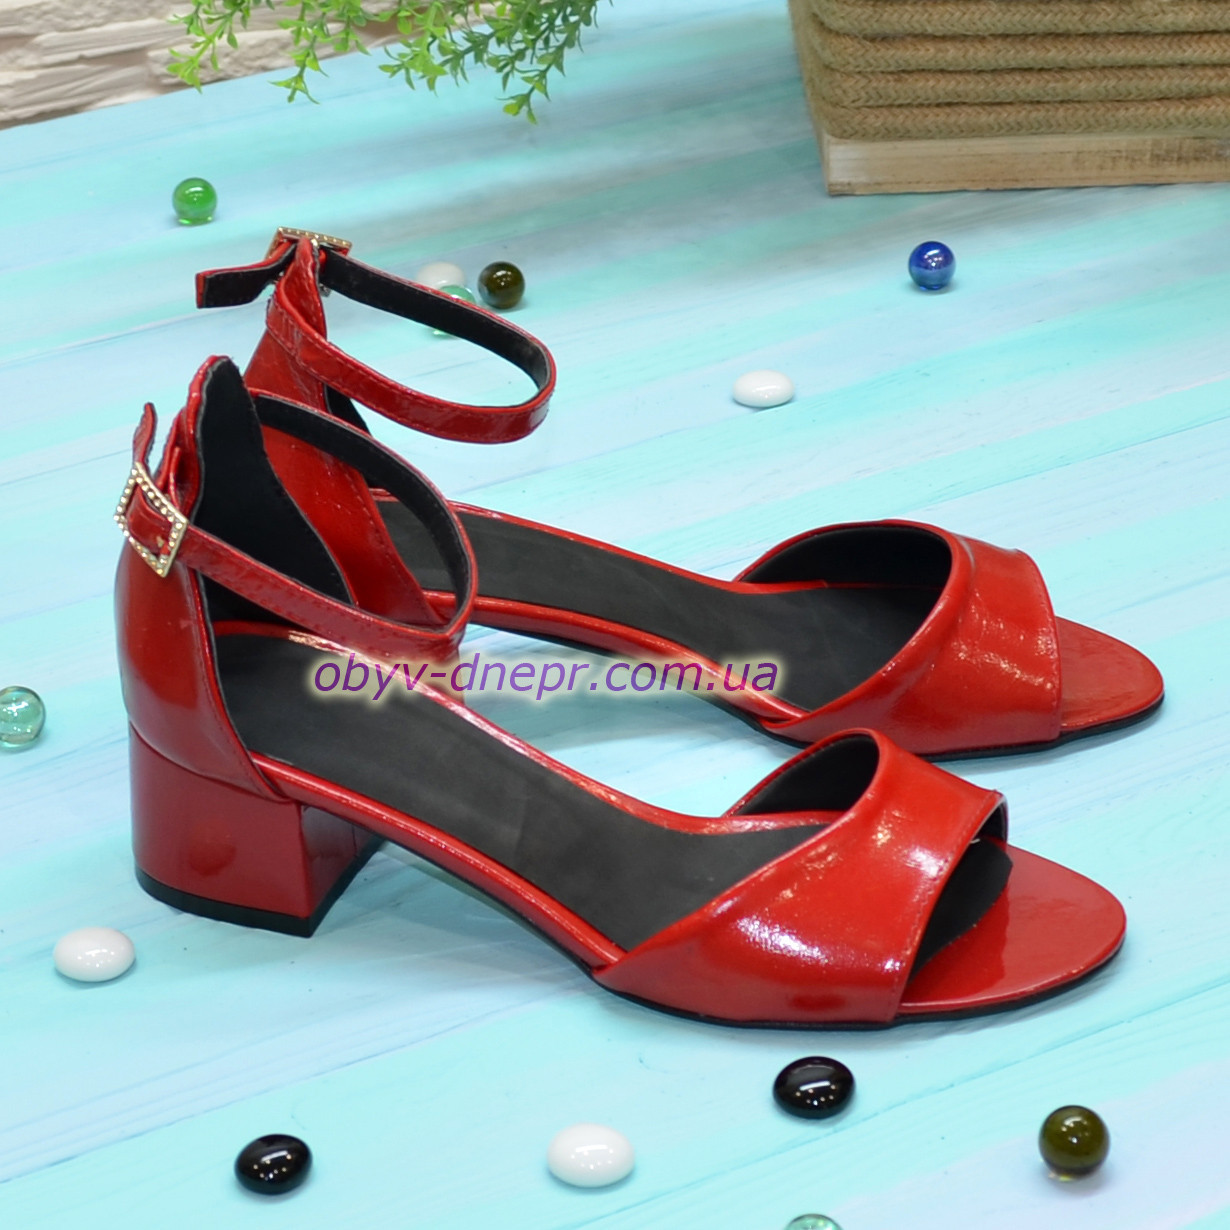 Босоножки женские лаковые на невысоком каблуке, цвет красный